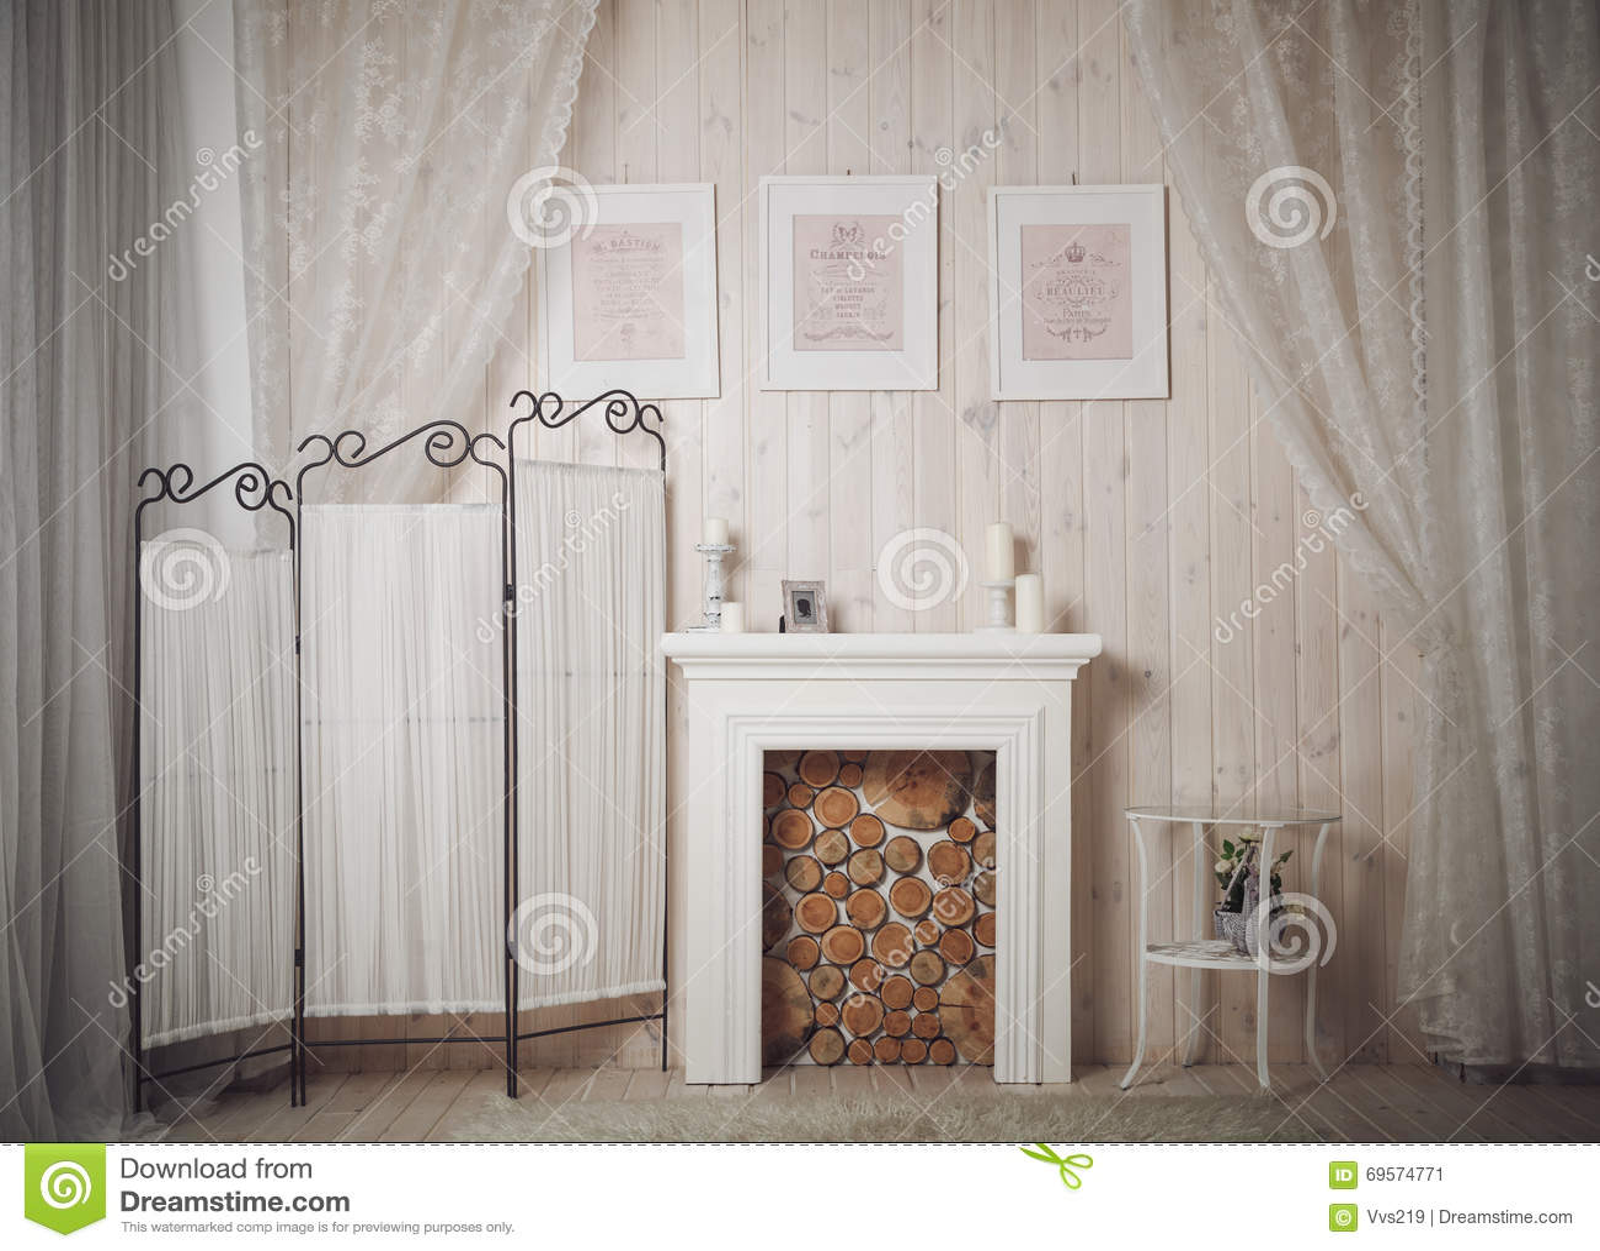 Huisbinnenland met witte open haard beelden en kaarsen stock